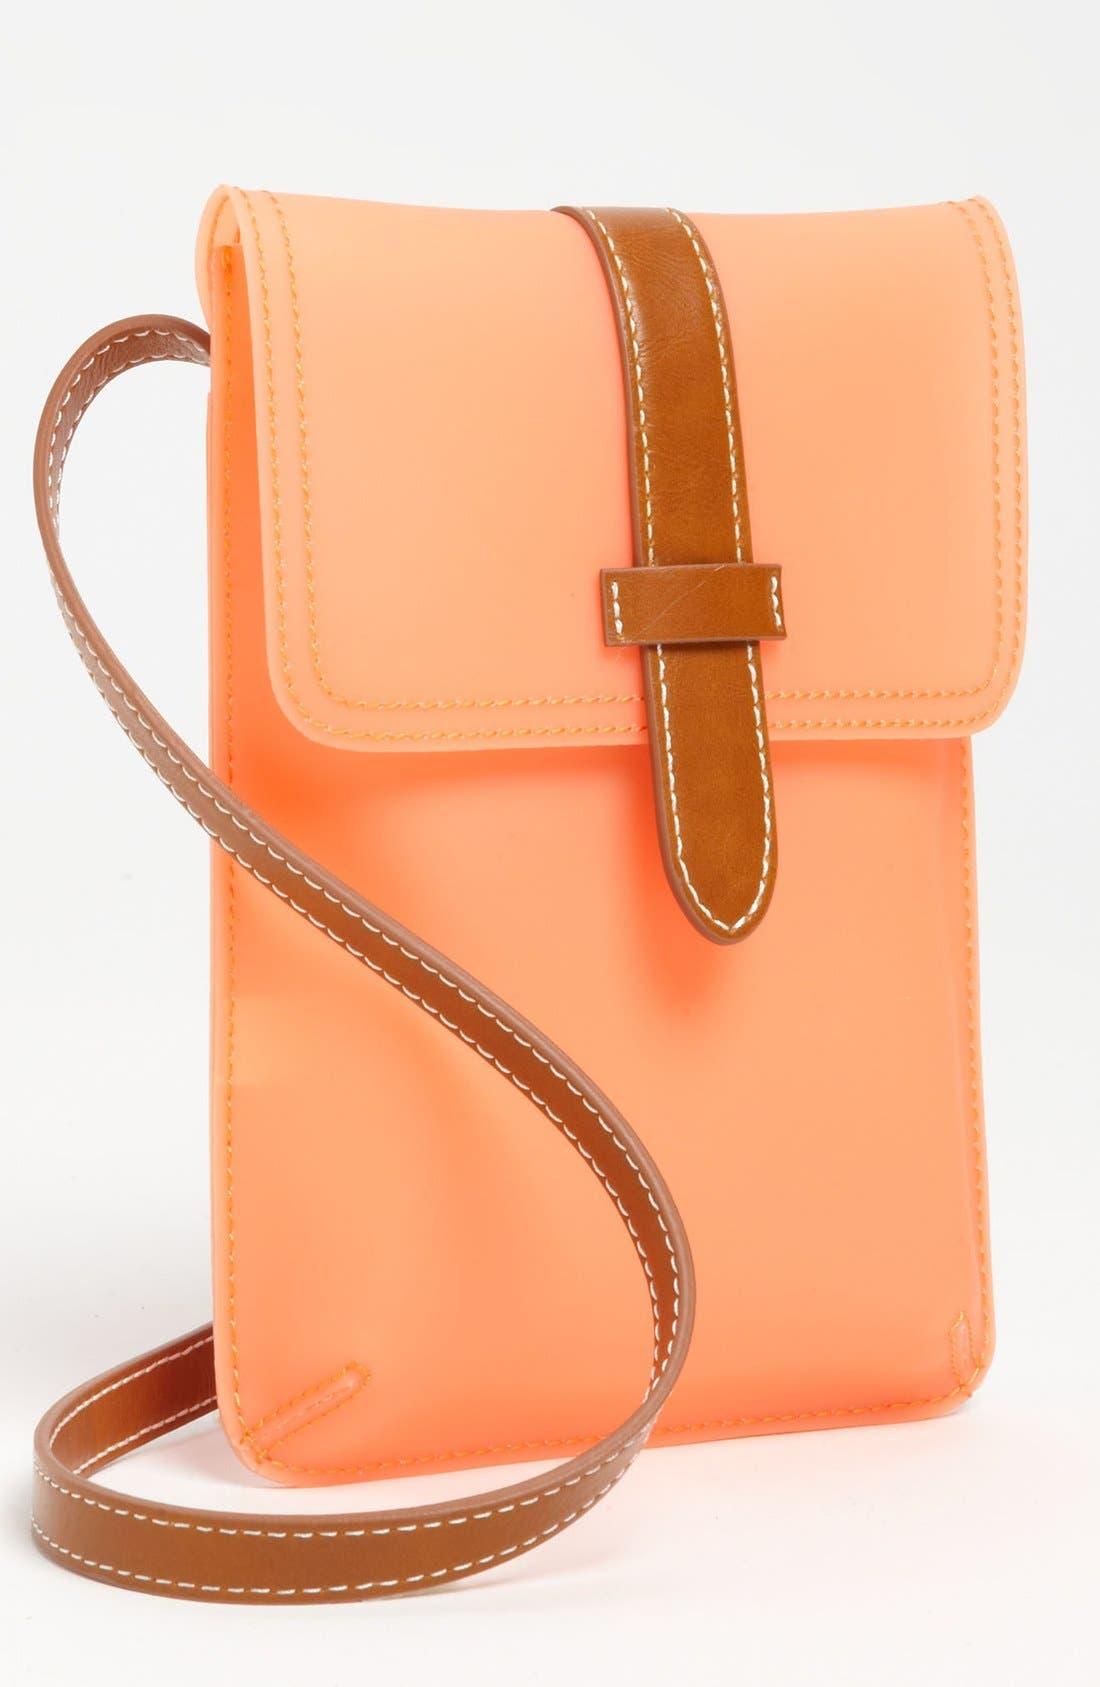 Main Image - Tarnish Jelly Crossbody Bag